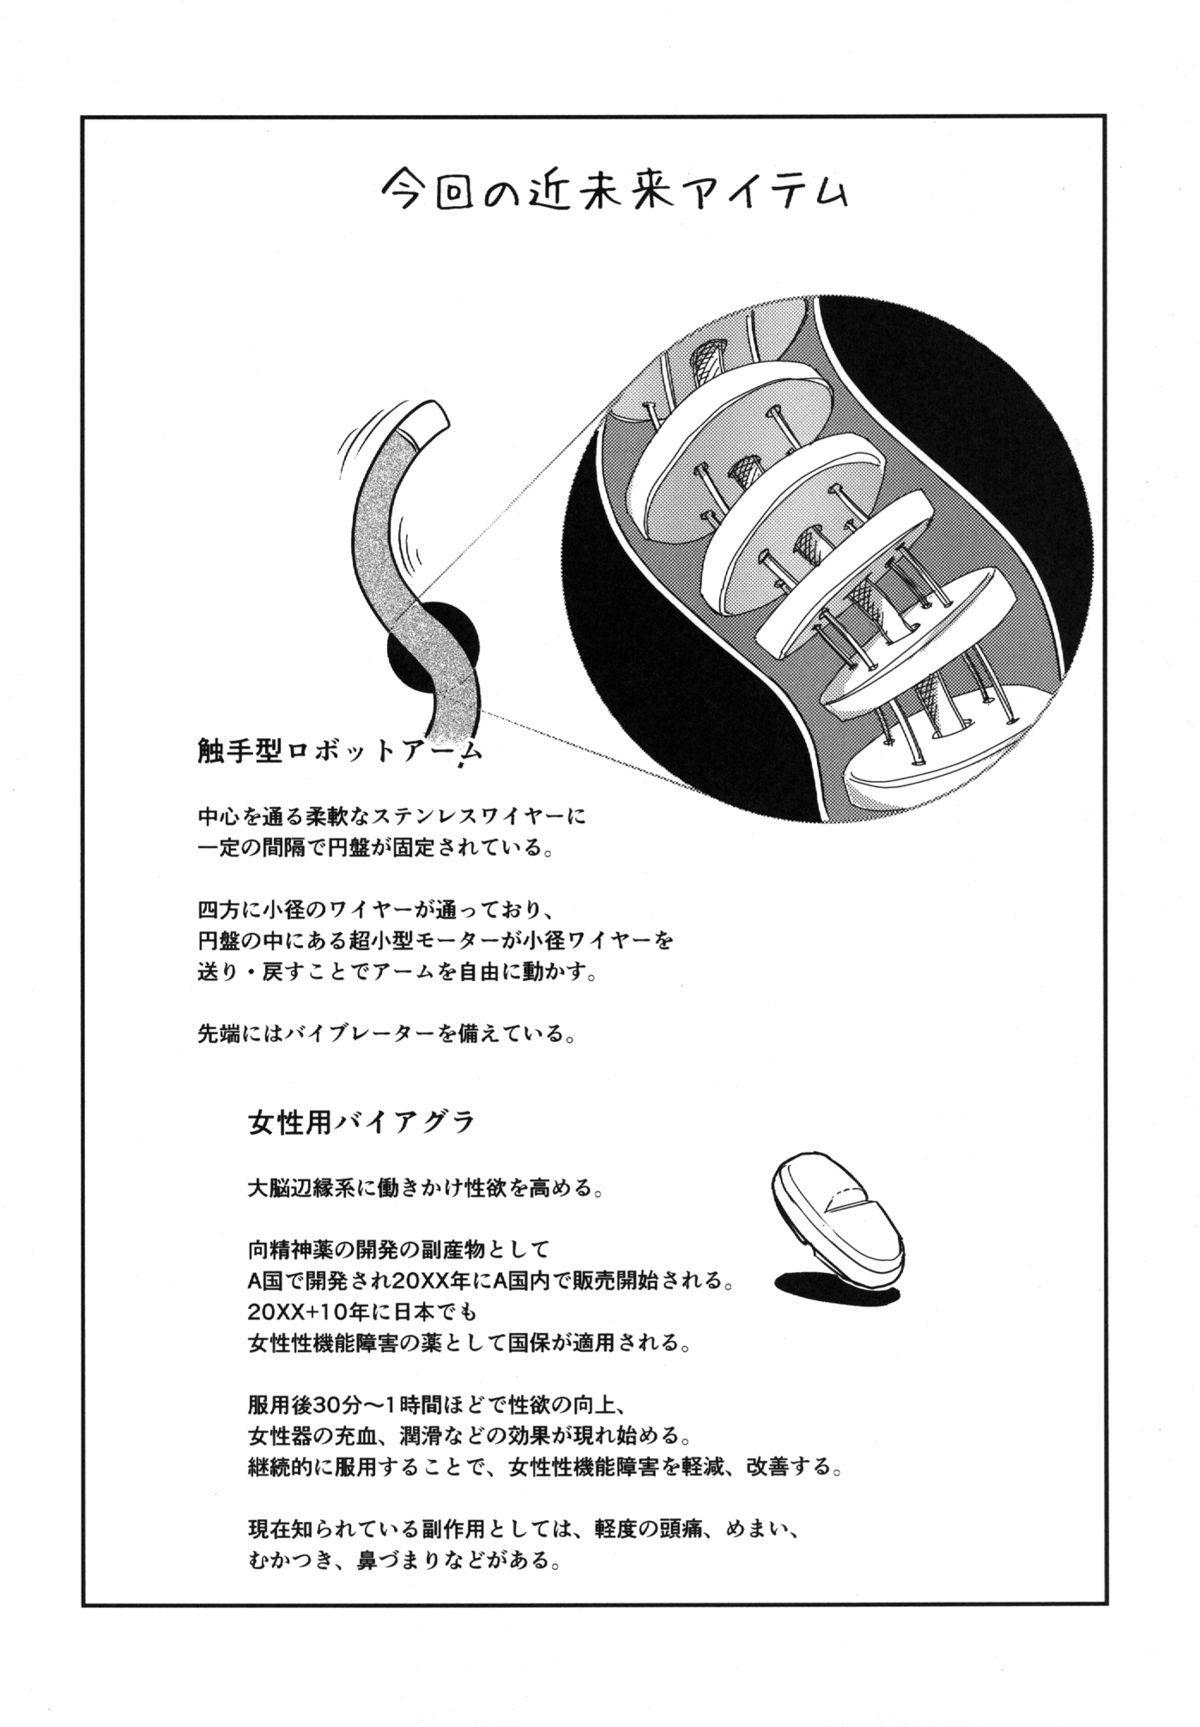 Hitozuma Kari - Kousoku Zecchou Sundome Game Nanbyou no Wagako no Chiryouhi no Tame Sono Mi wo Sashidasu Tsuma 46